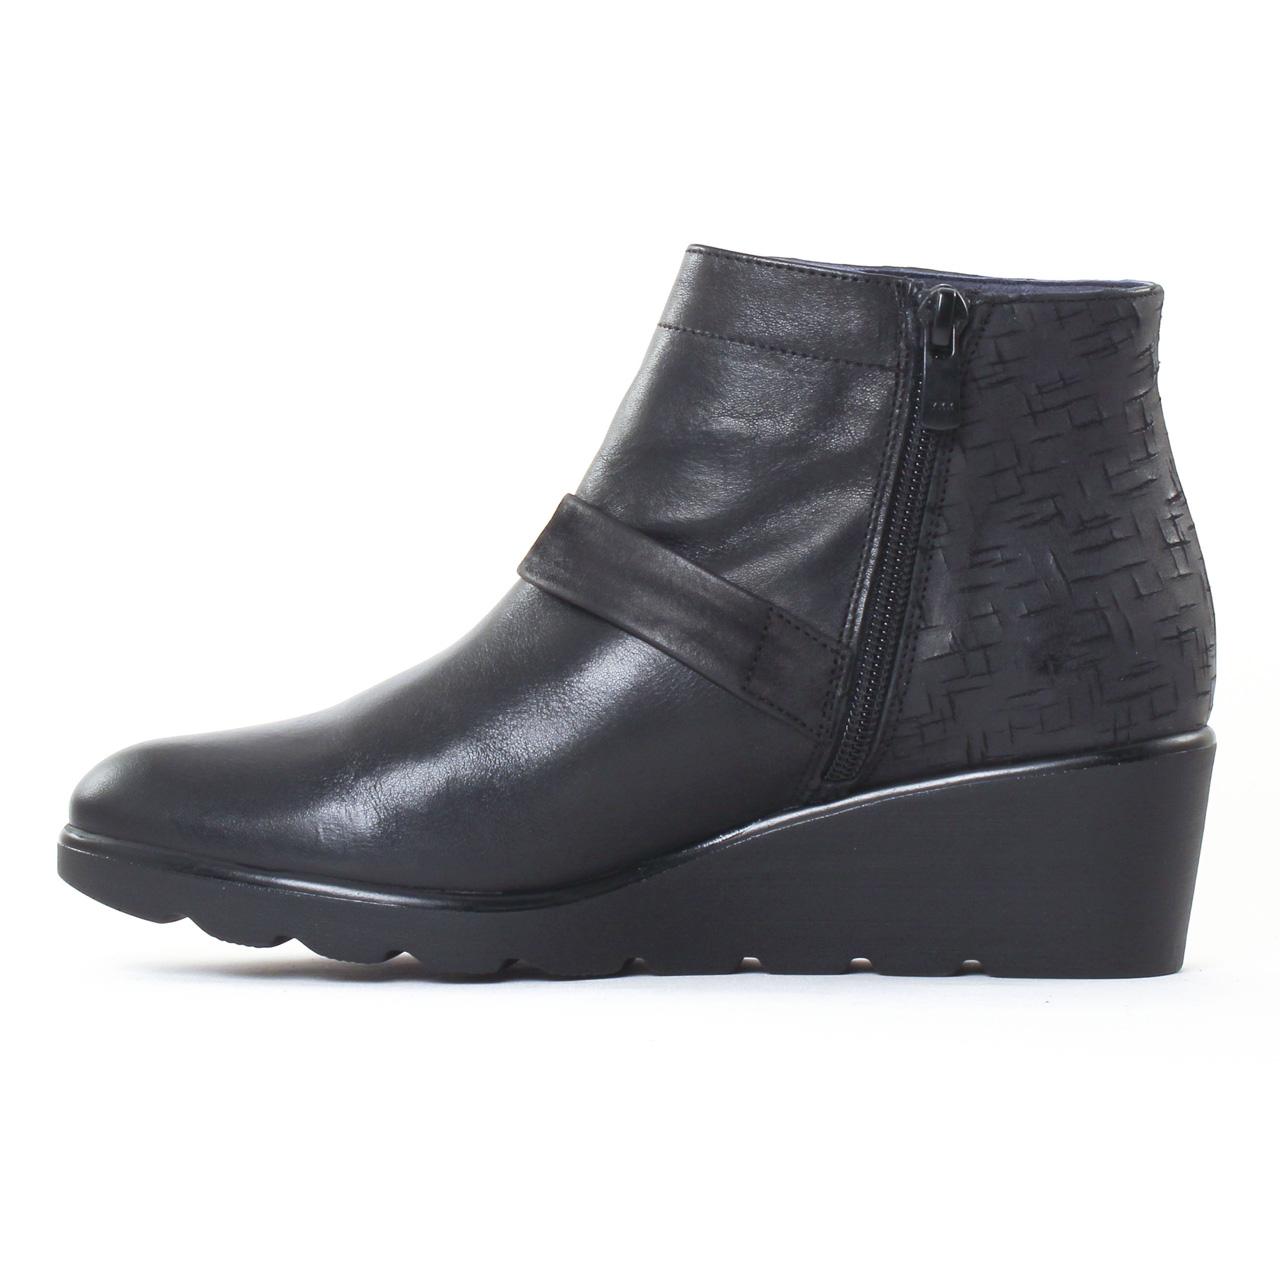 dorking iris 6968 noir boot talon noir automne hiver. Black Bedroom Furniture Sets. Home Design Ideas